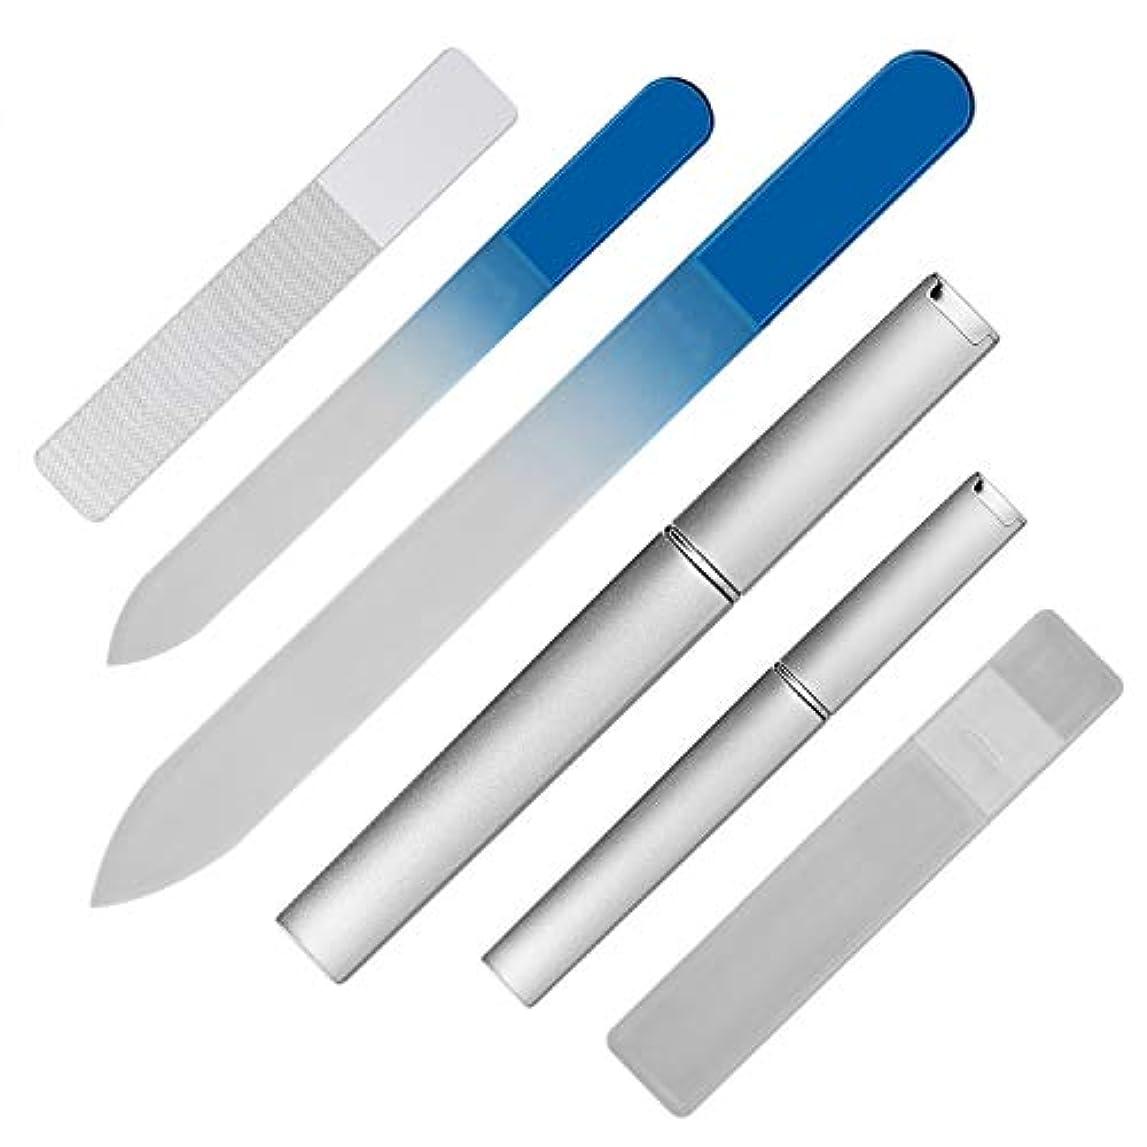 基準マスク哀れな爪やすり ガラス製 爪磨き つめみがき ネイルケア用品 大小3個セット j-cheng (ブルー)